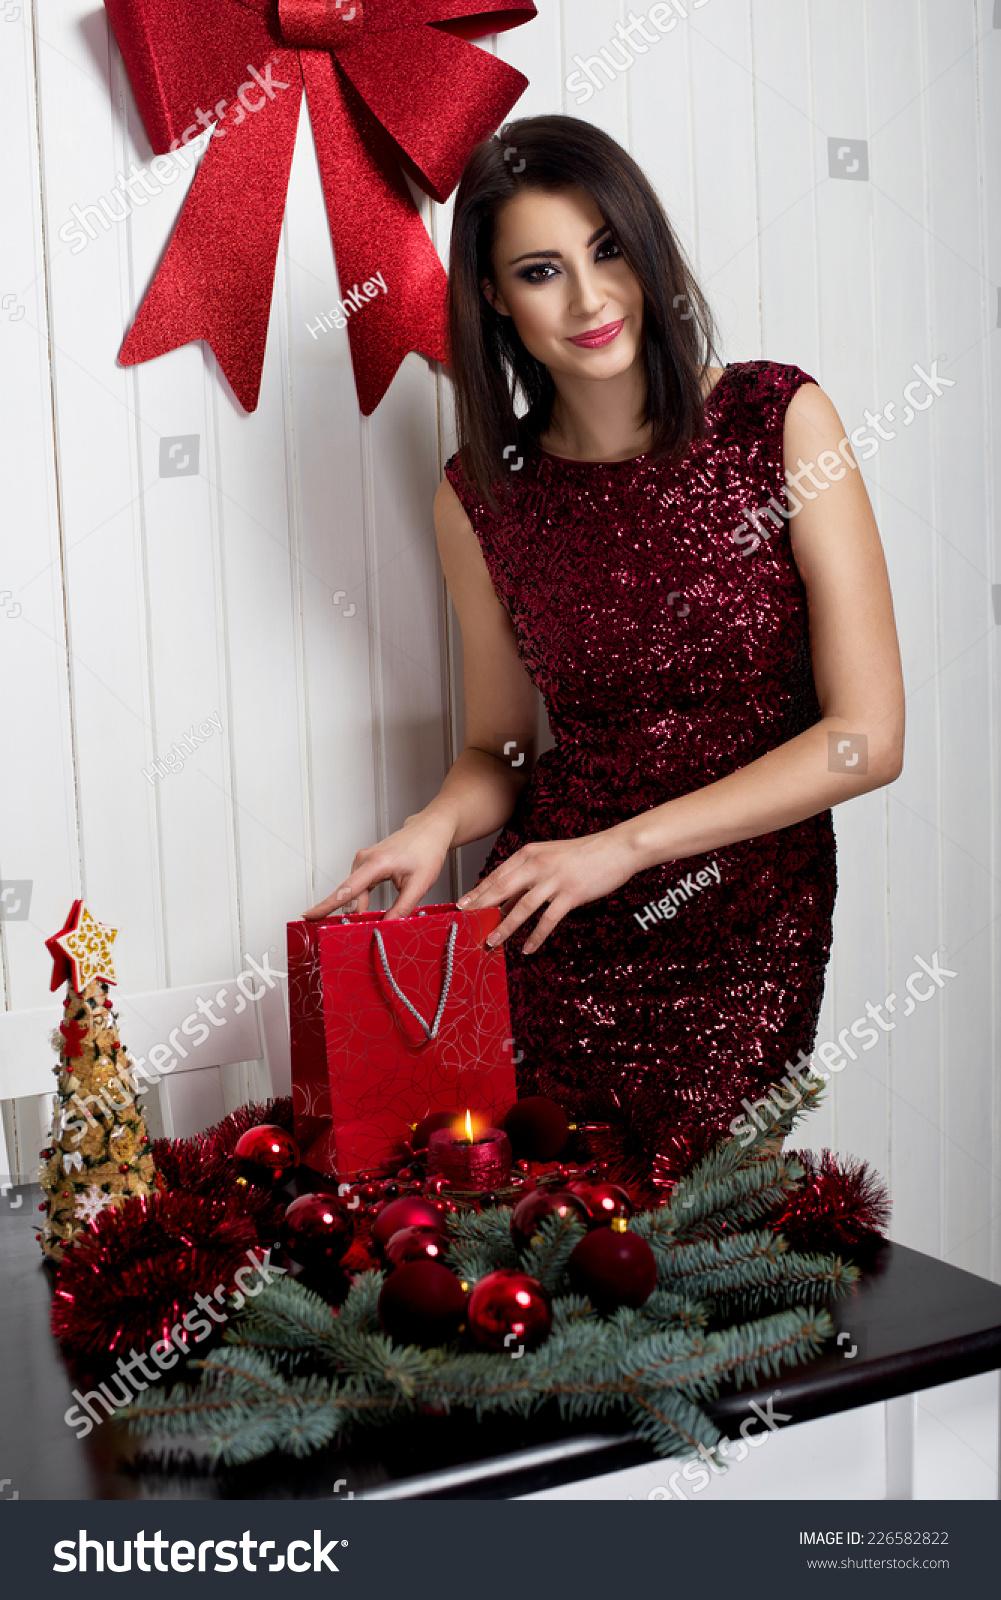 beautiful sexy christmas woman wearing glitter dress holding christmas present